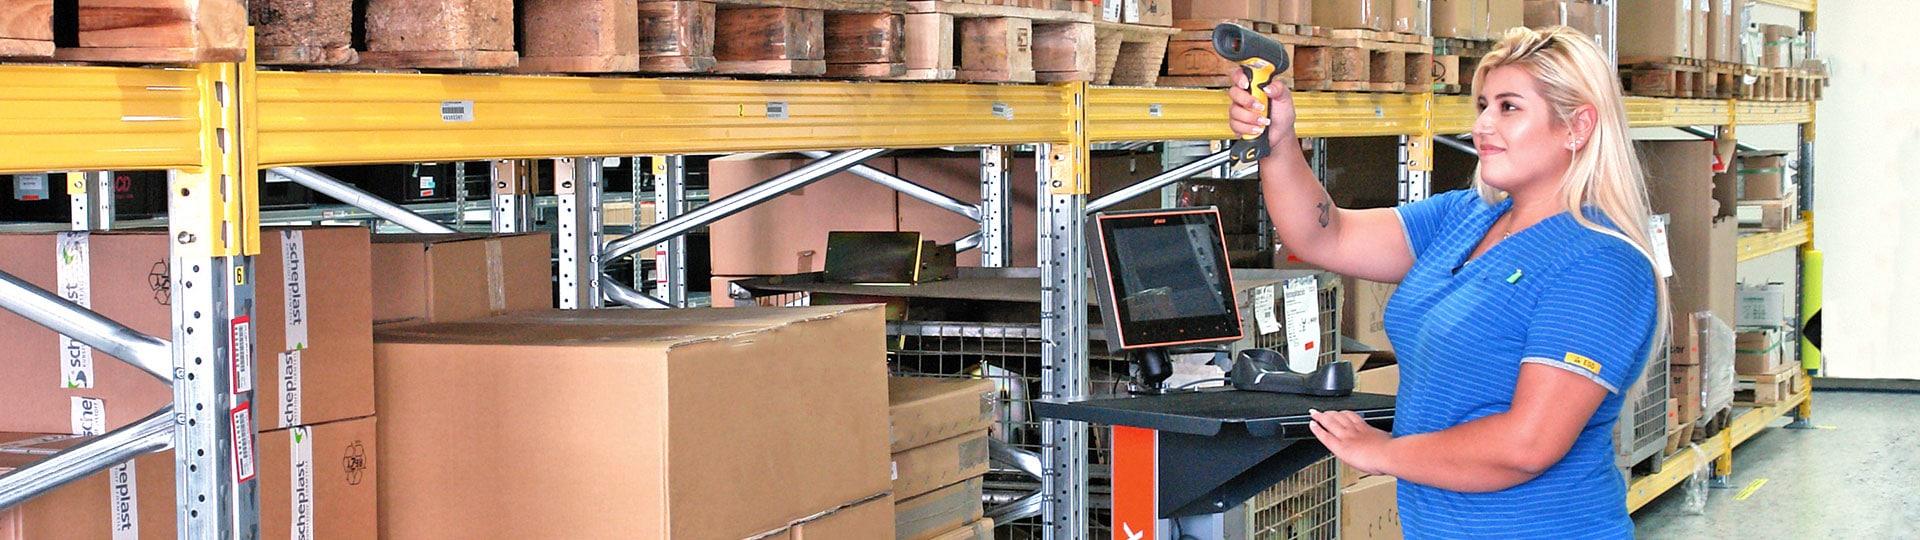 mobiler Arbeitsplatz MAX bei Edeka im Einsatz